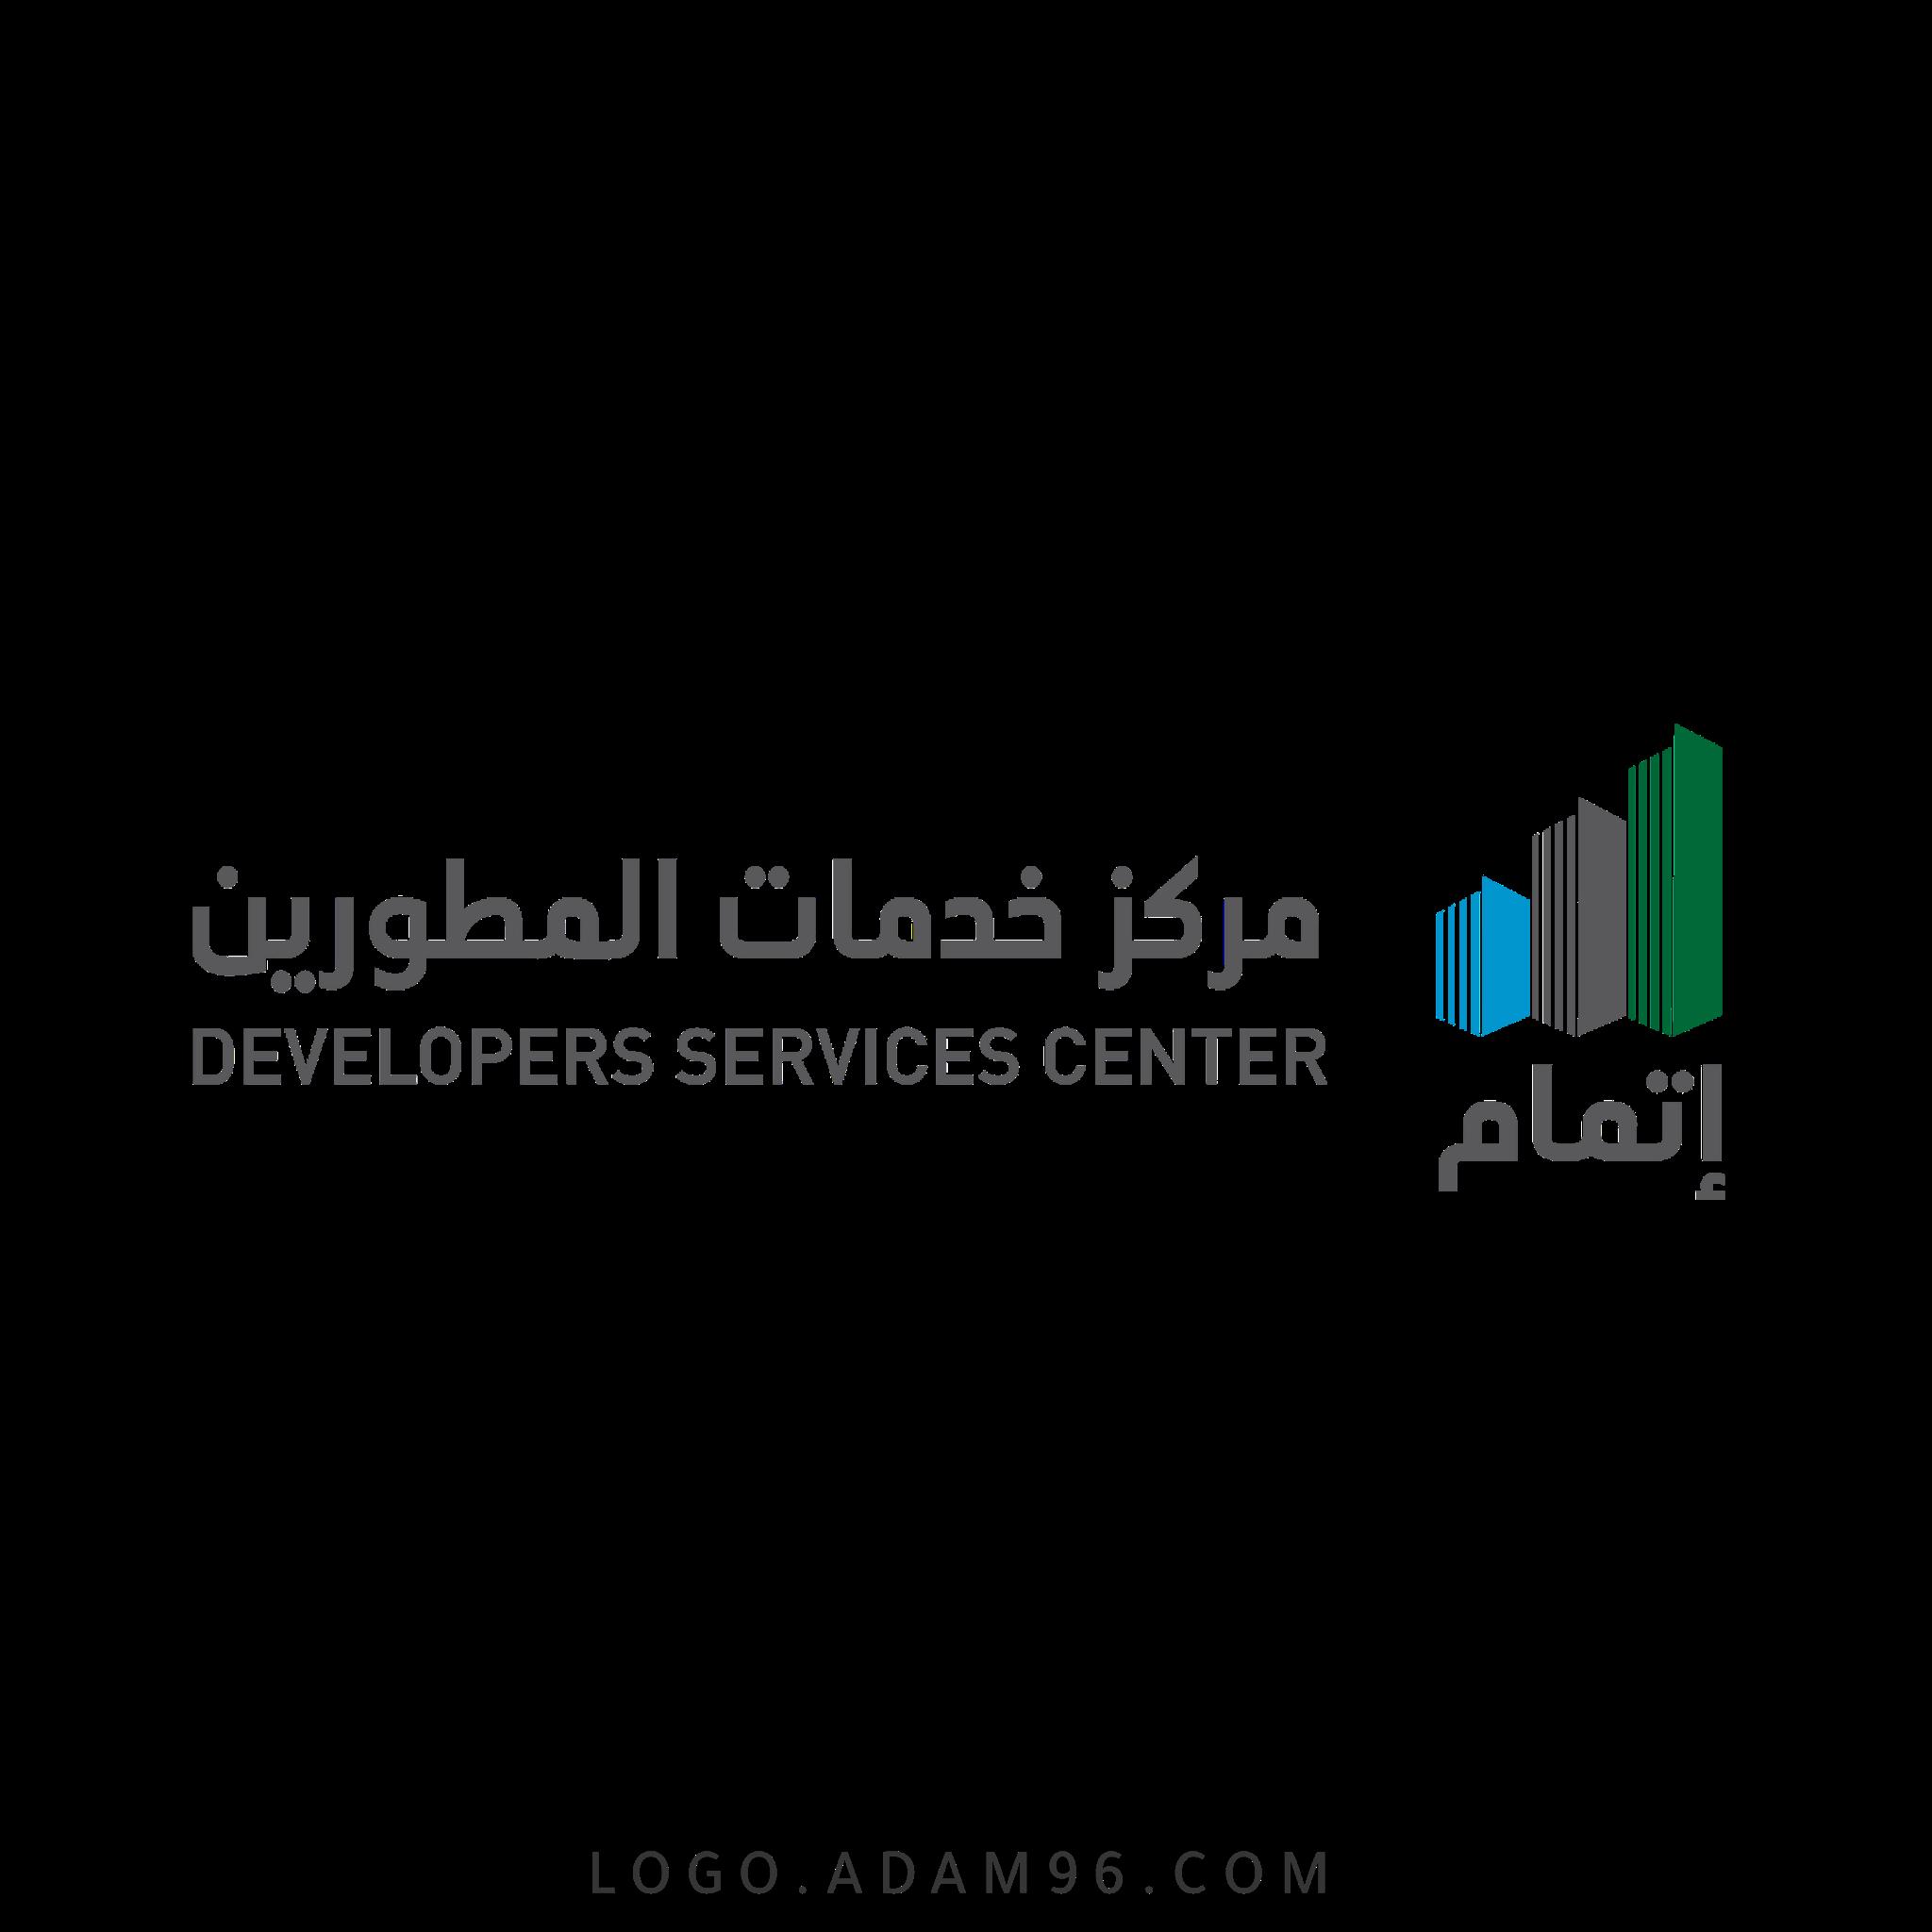 تحميل شعار إتمام مركز خدمات المطورين السعودية لوجو رسمي عالي الجودة PNG